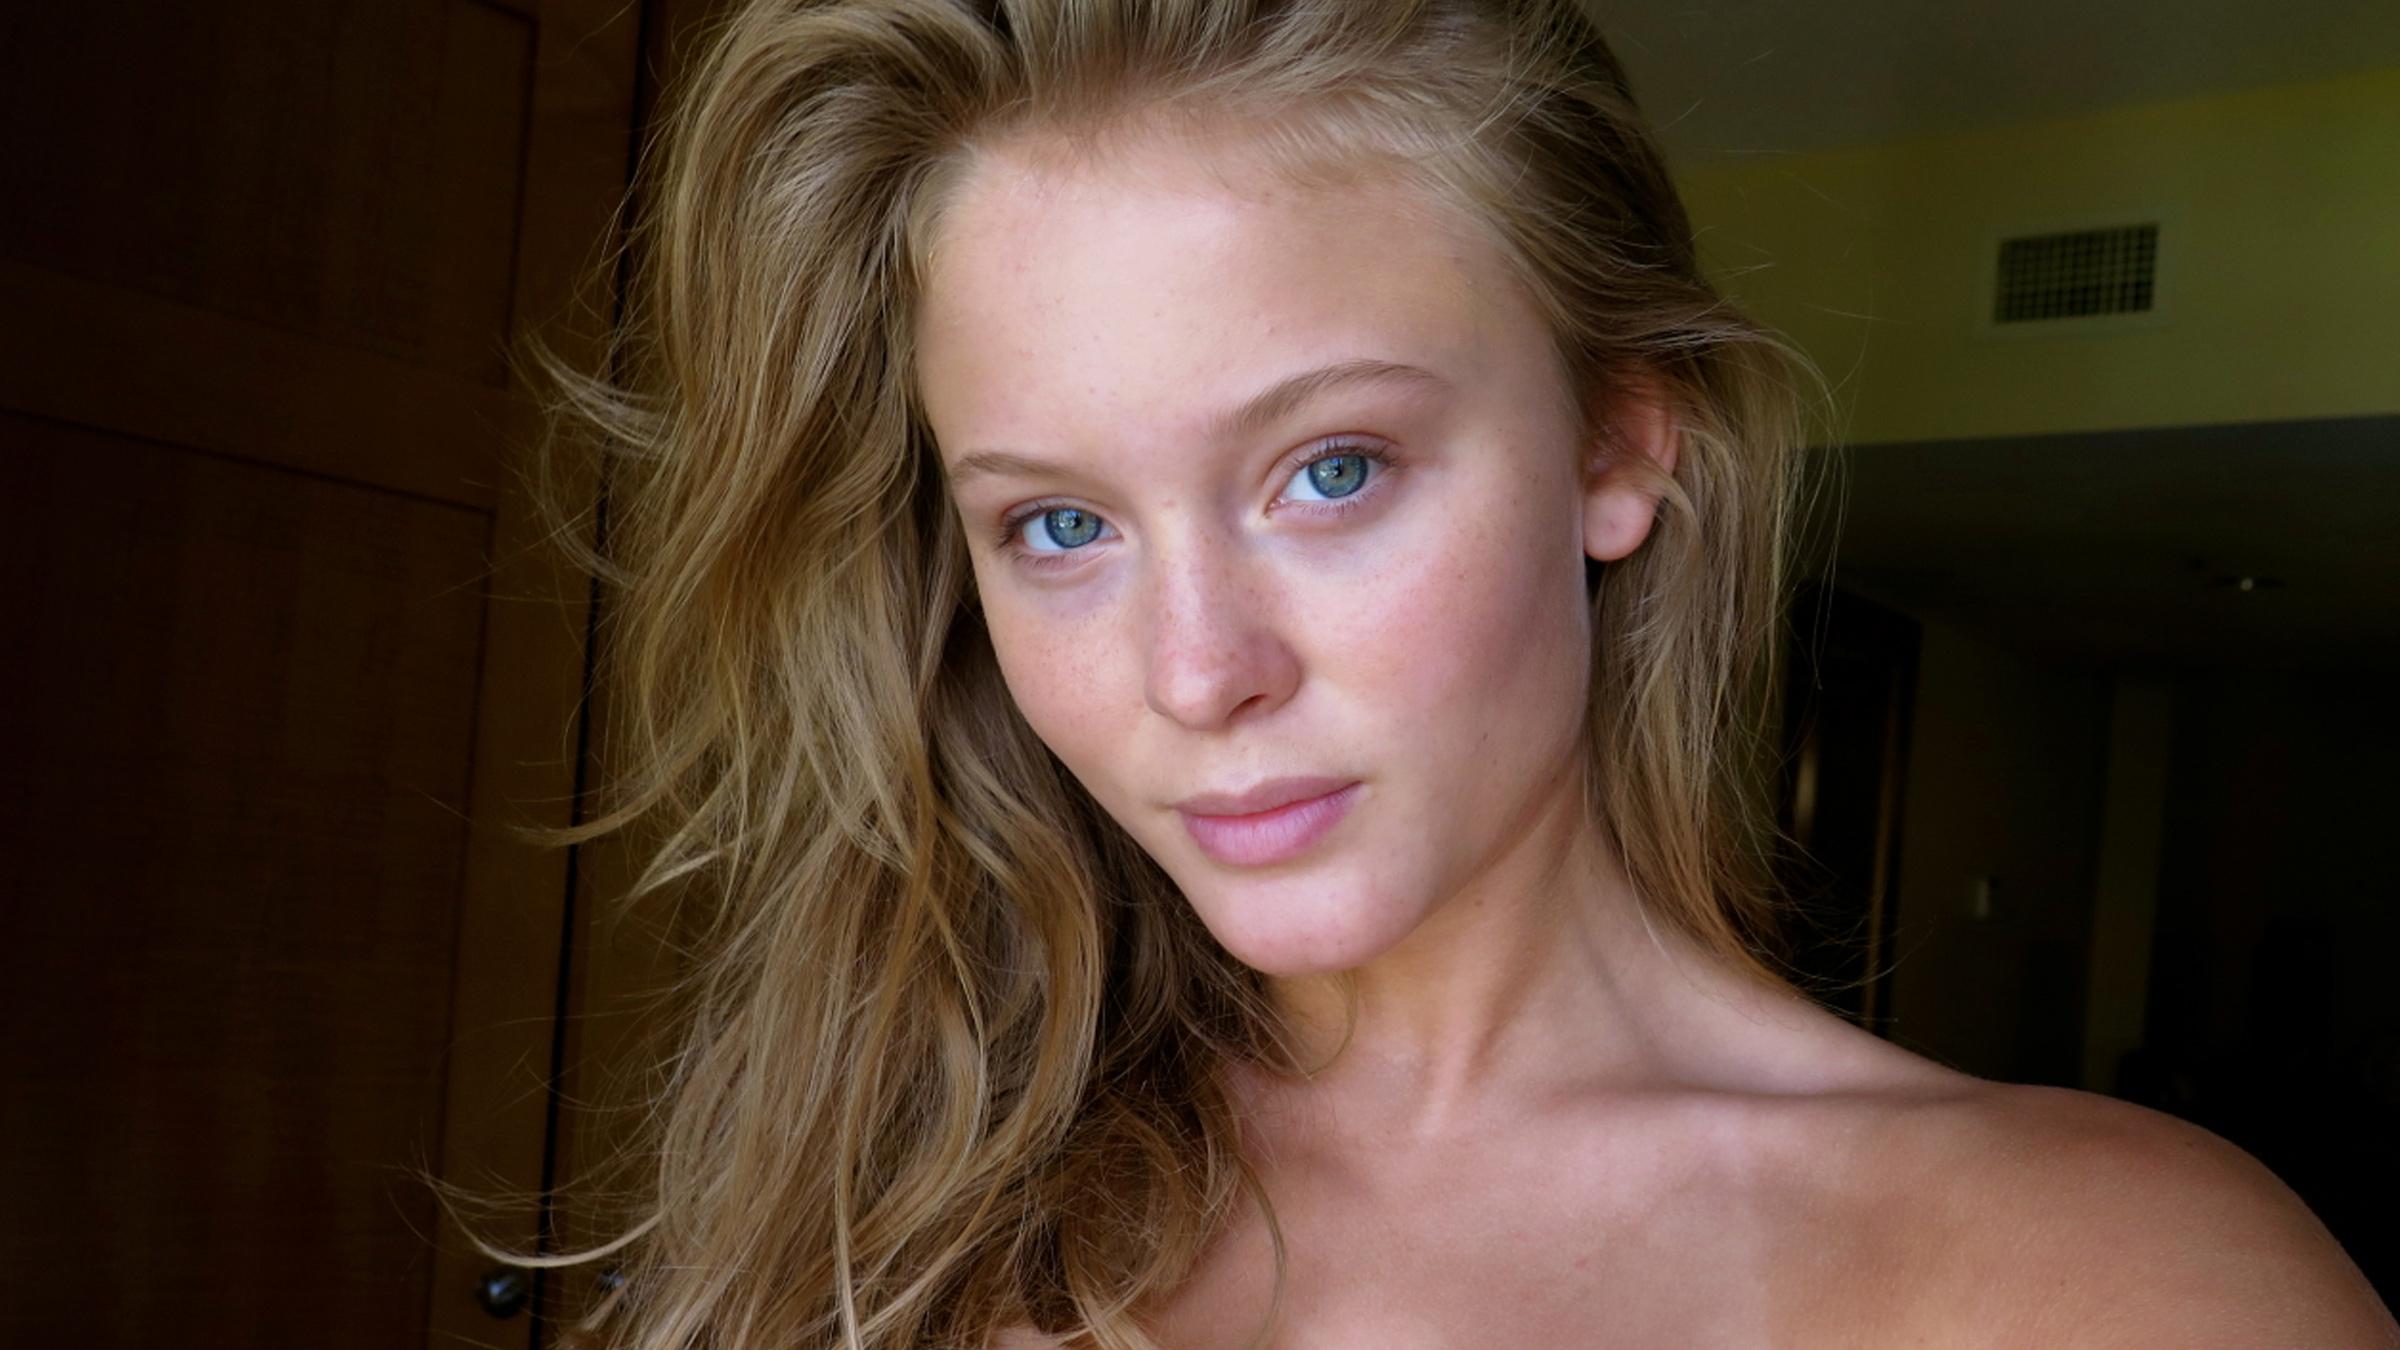 Zara naked teaser